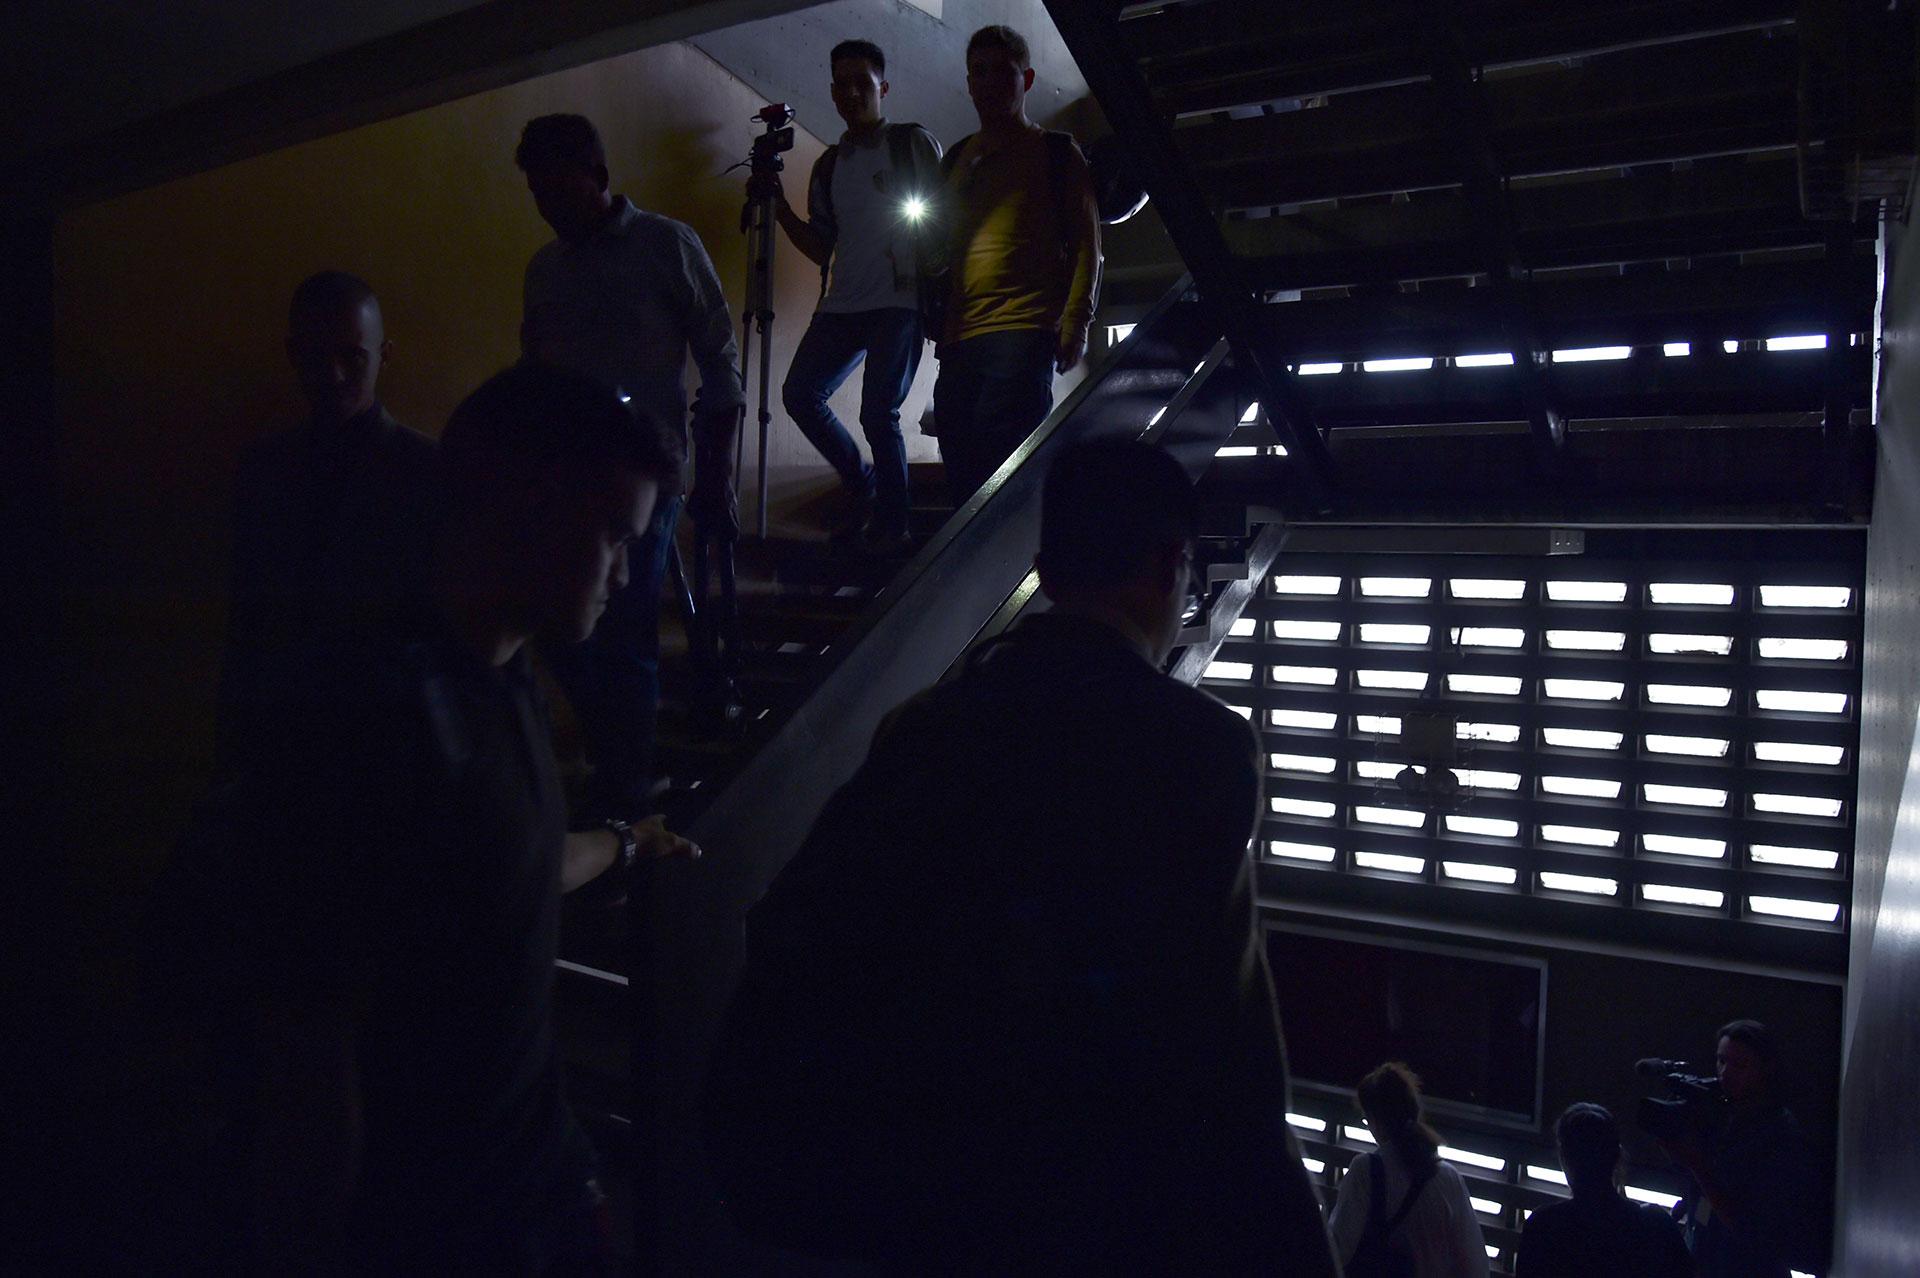 La gente evacua el edificio de la Asamblea Nacional de Venezuela durante un apagón parcial en Caracas el 25 de marzo de 2019. (AFP)